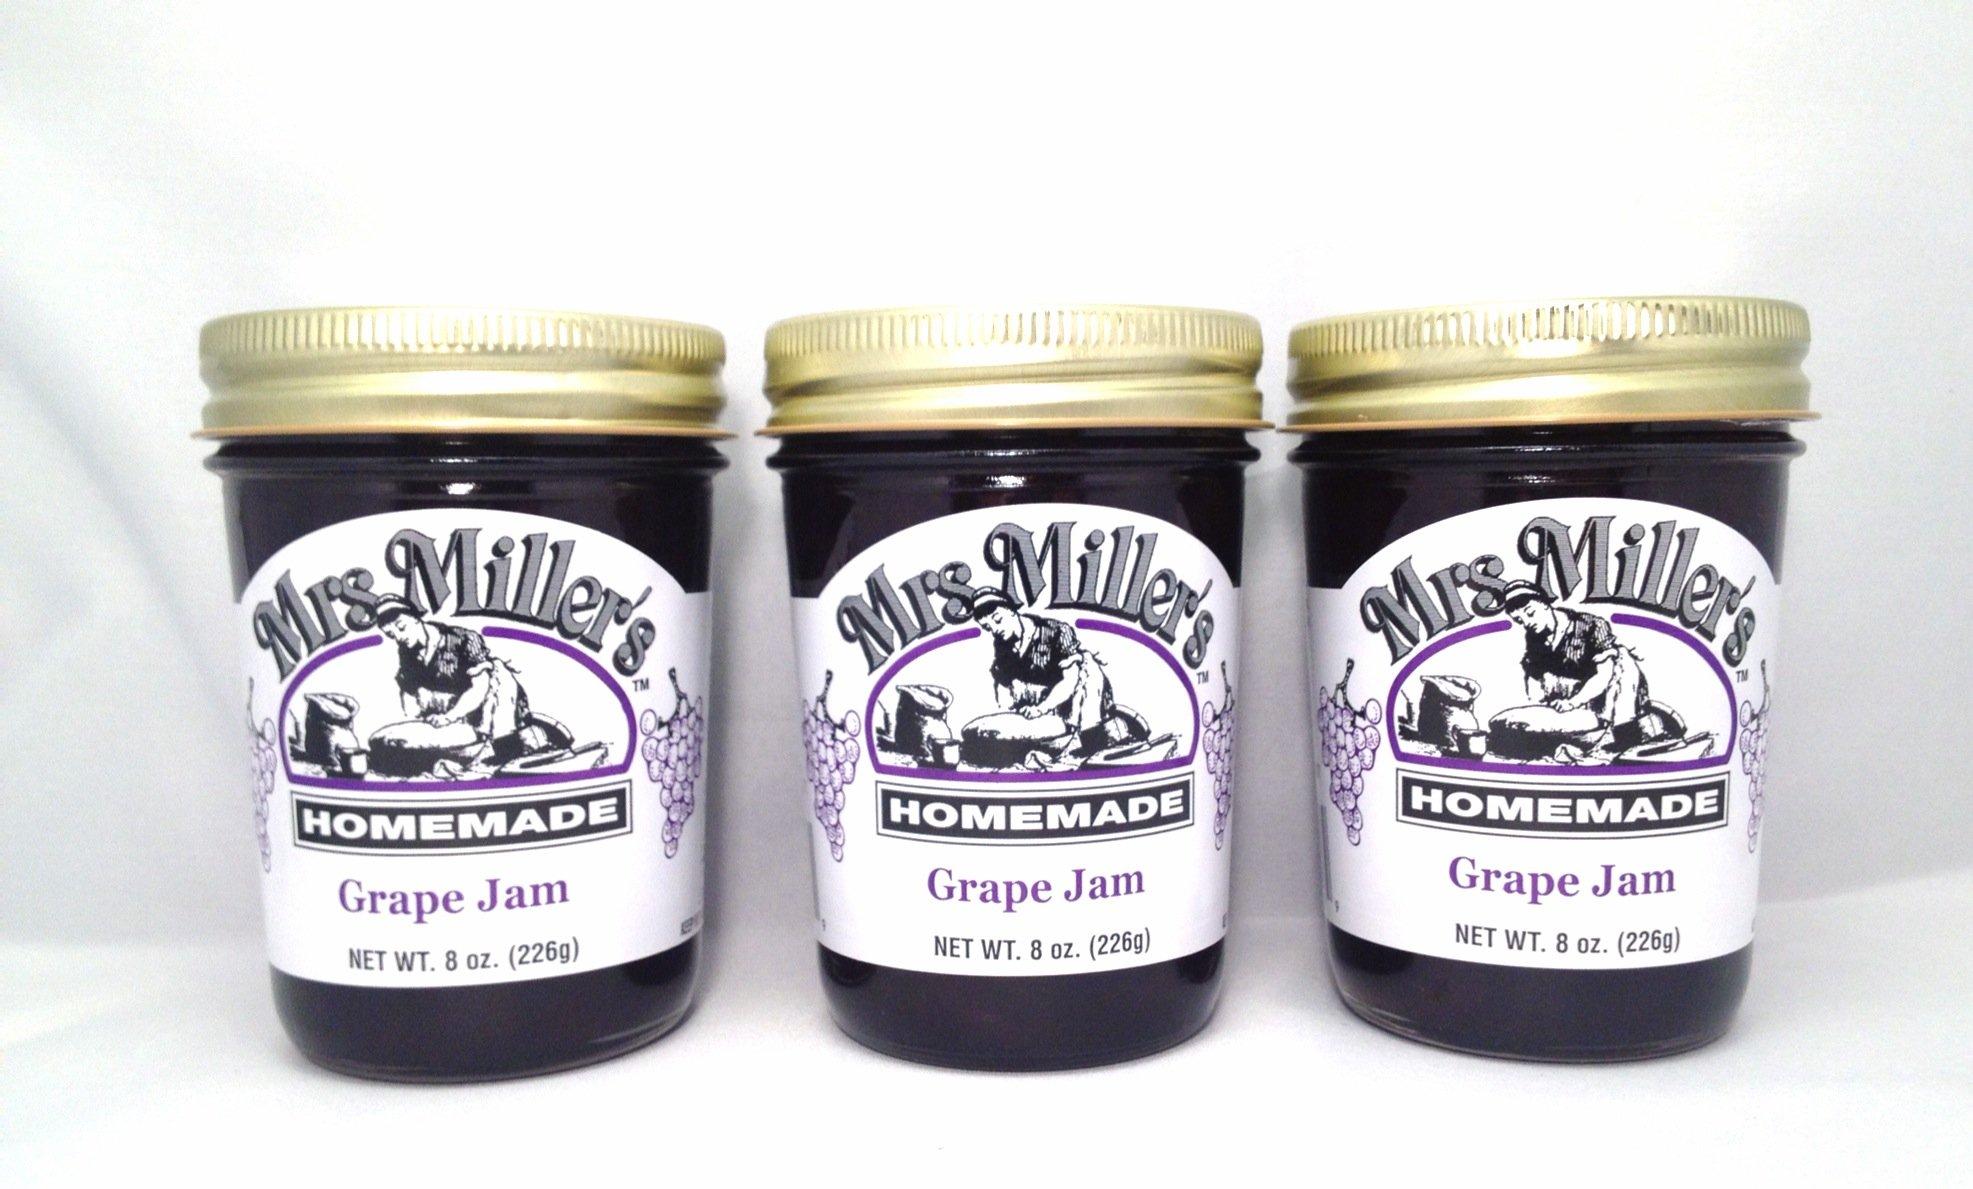 Mrs. Miller's Amish Homemade Grape Jam 8 Oz. - Pack of 3 (Boxed)